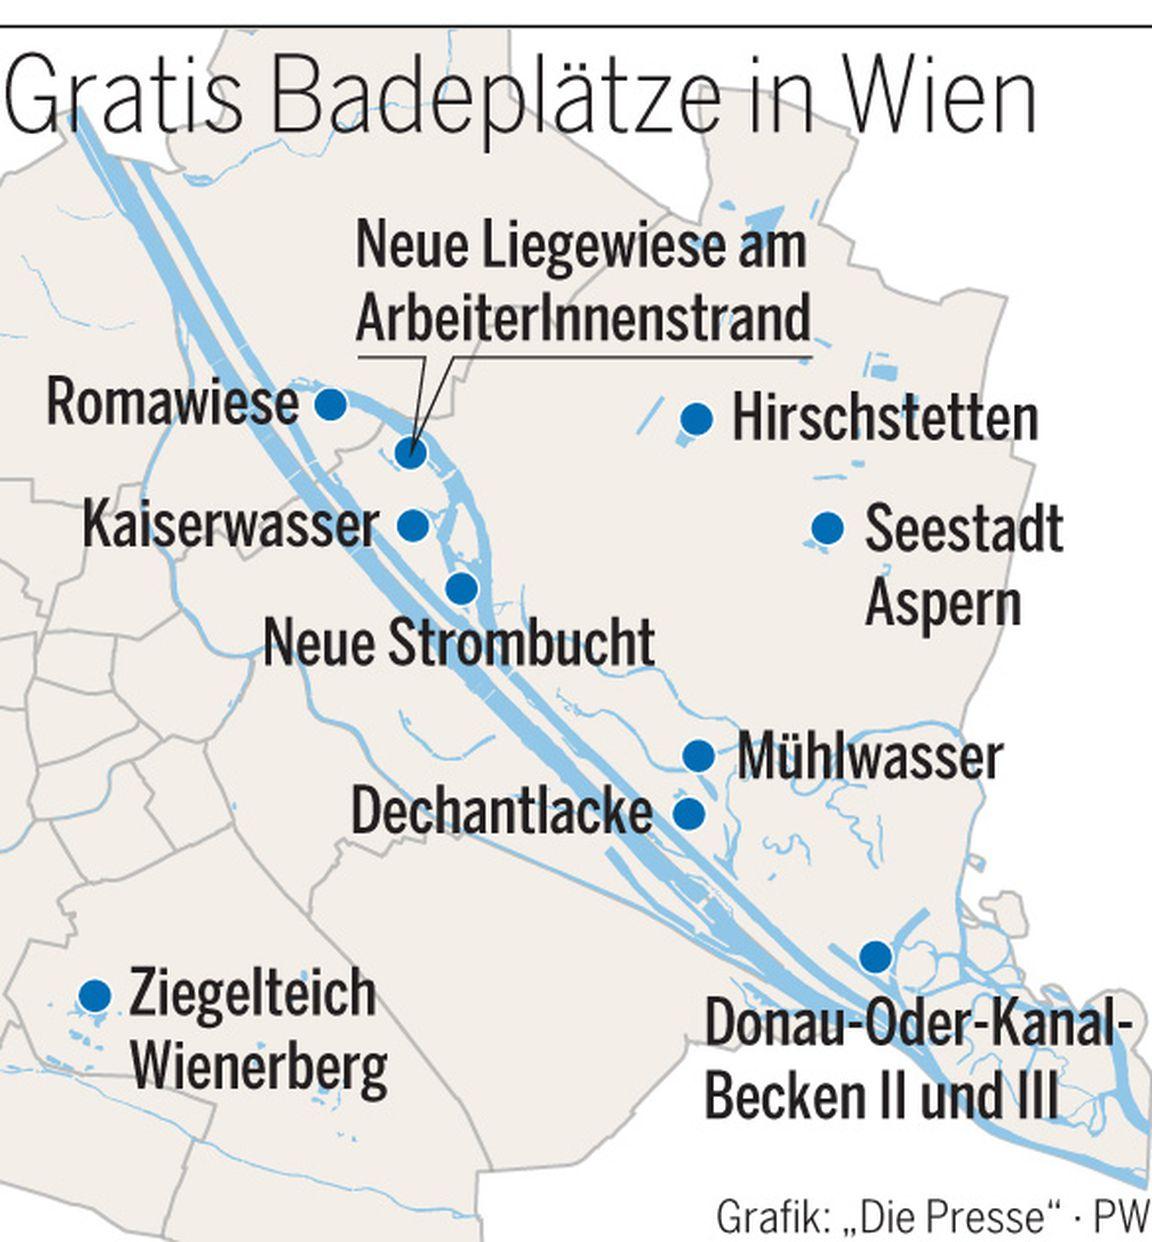 (Sommer 2018) - Top GRATIS Badeplätze in Wien